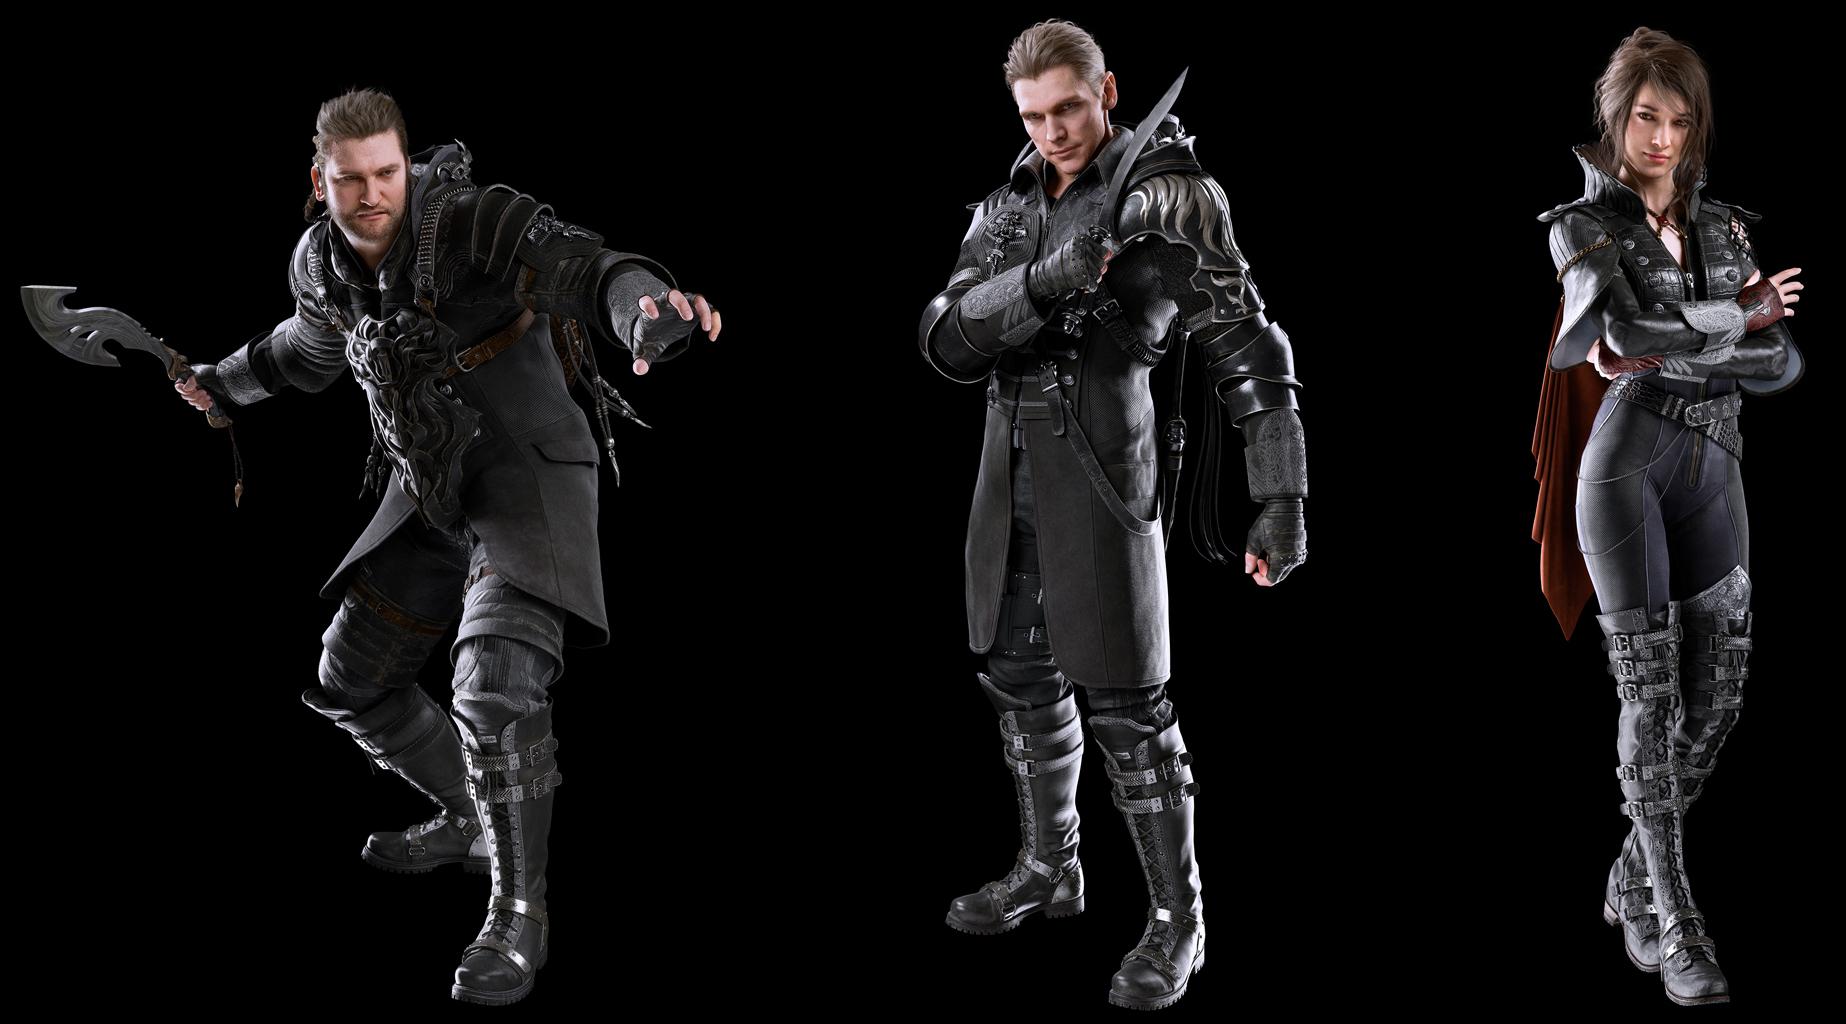 Character Design Final Fantasy Xv : Final fantasy xv kingsglaive debuts brand new screenshots